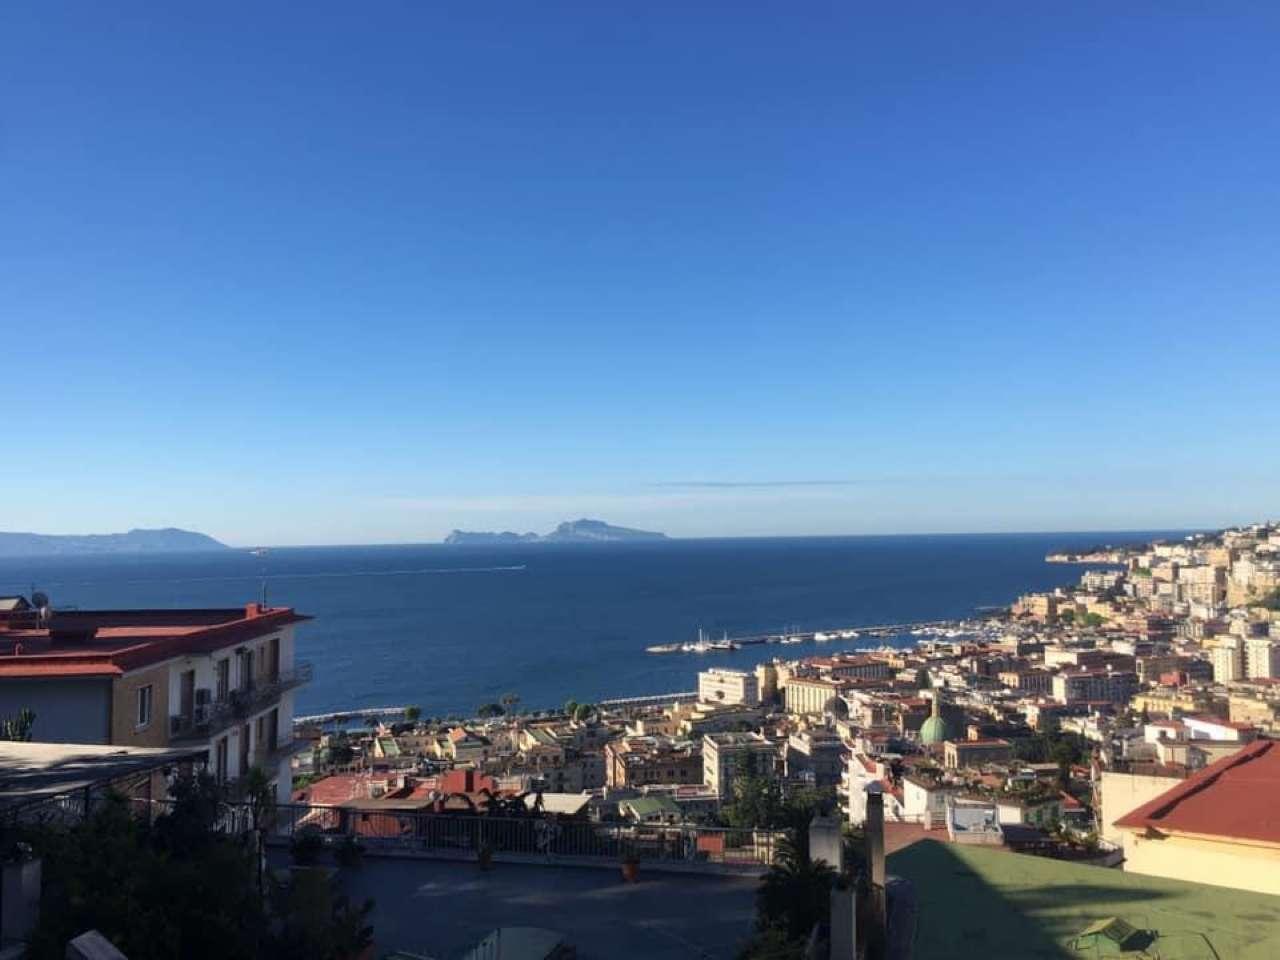 Appartamento, Via Aniello Falcone, zona Vomero, Napoli, foto 0